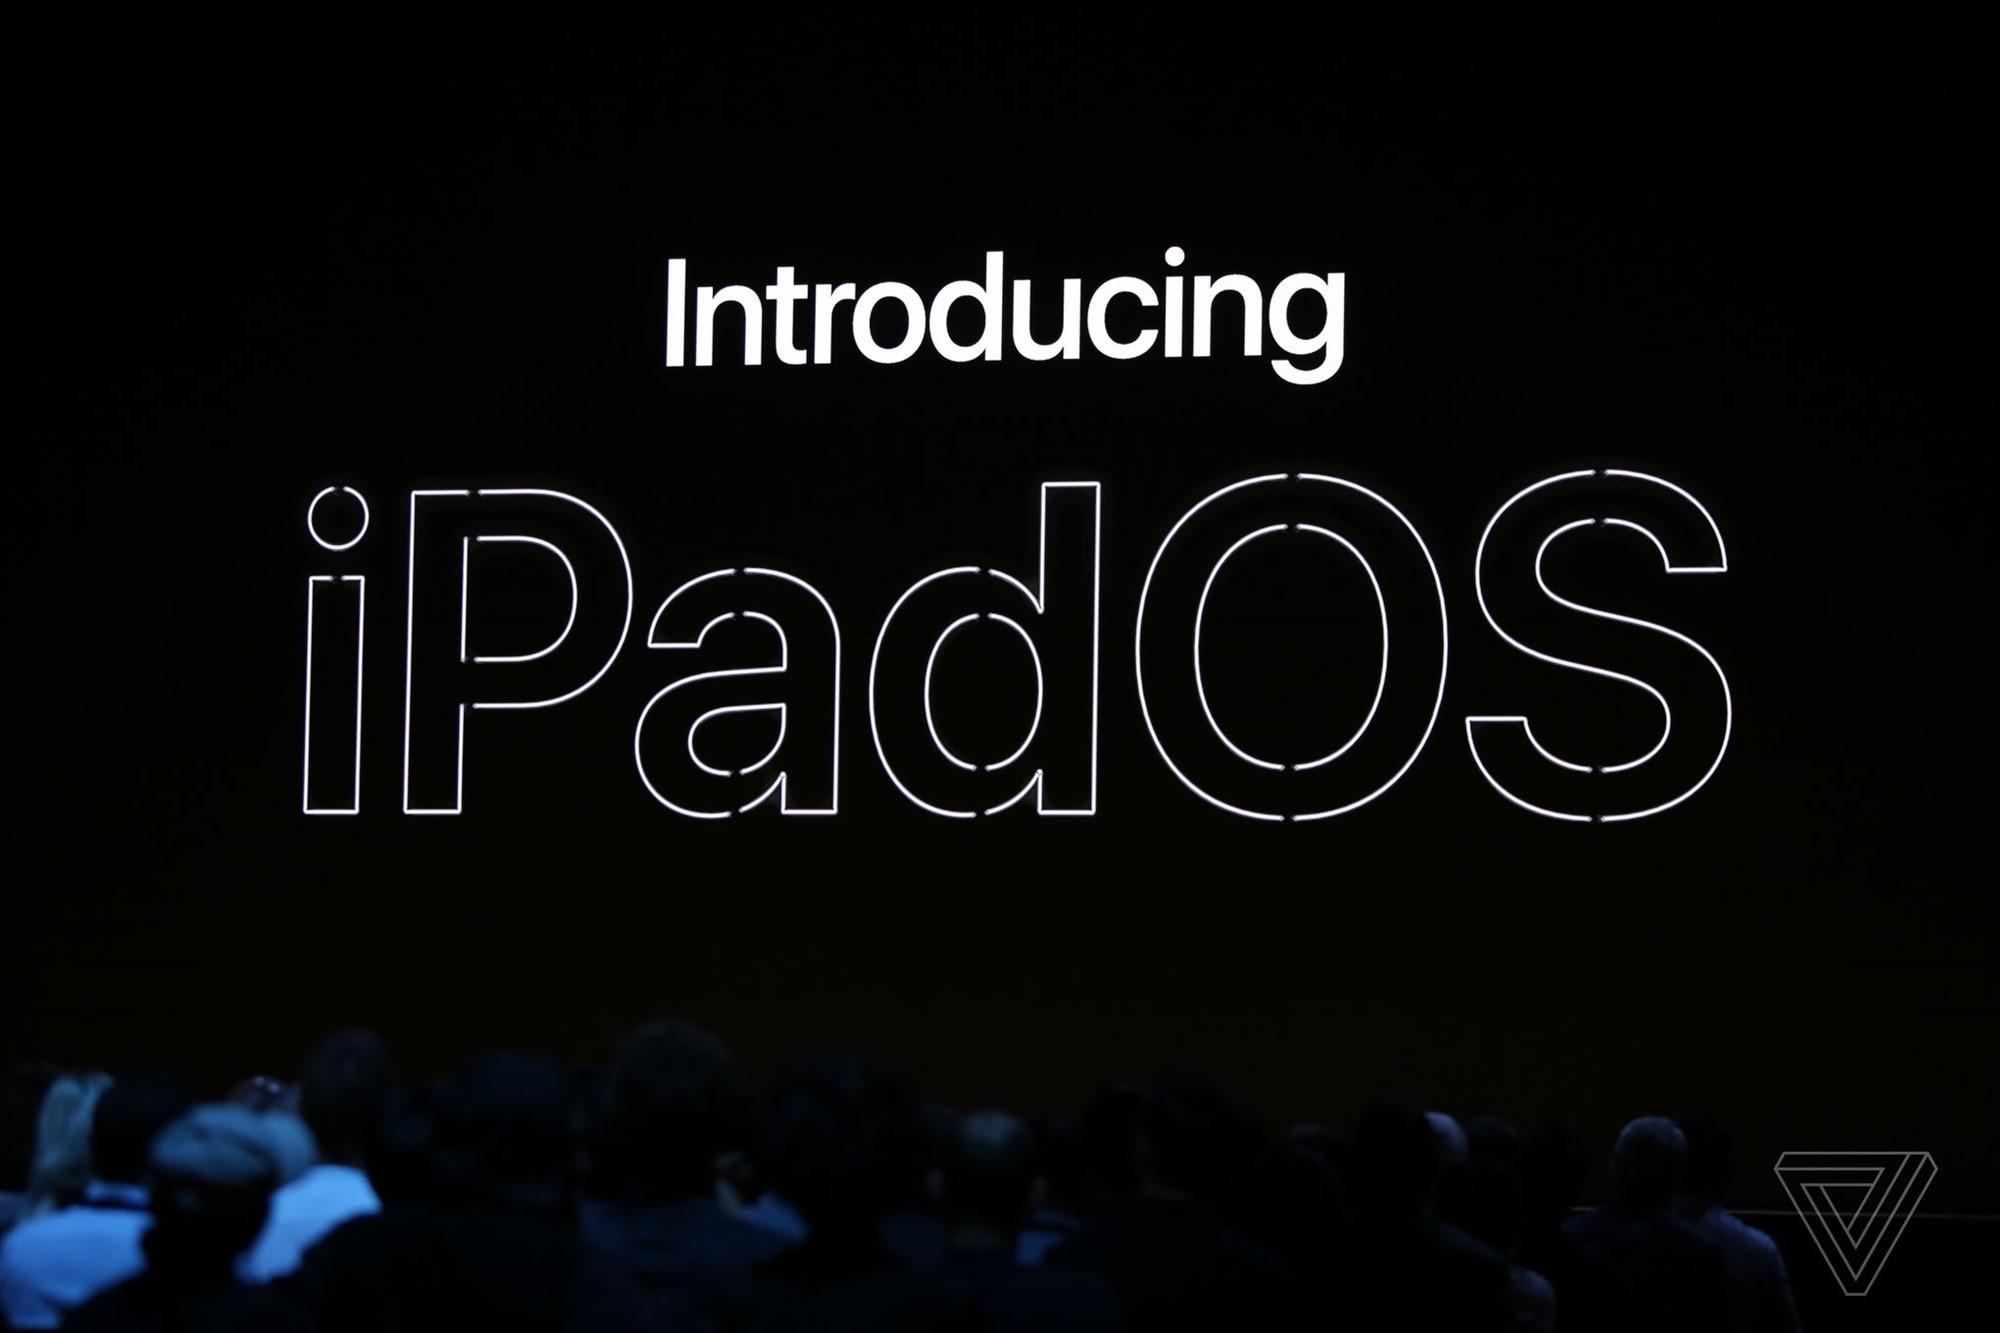 Novým systémem pro tablety od Applu je iPadOS